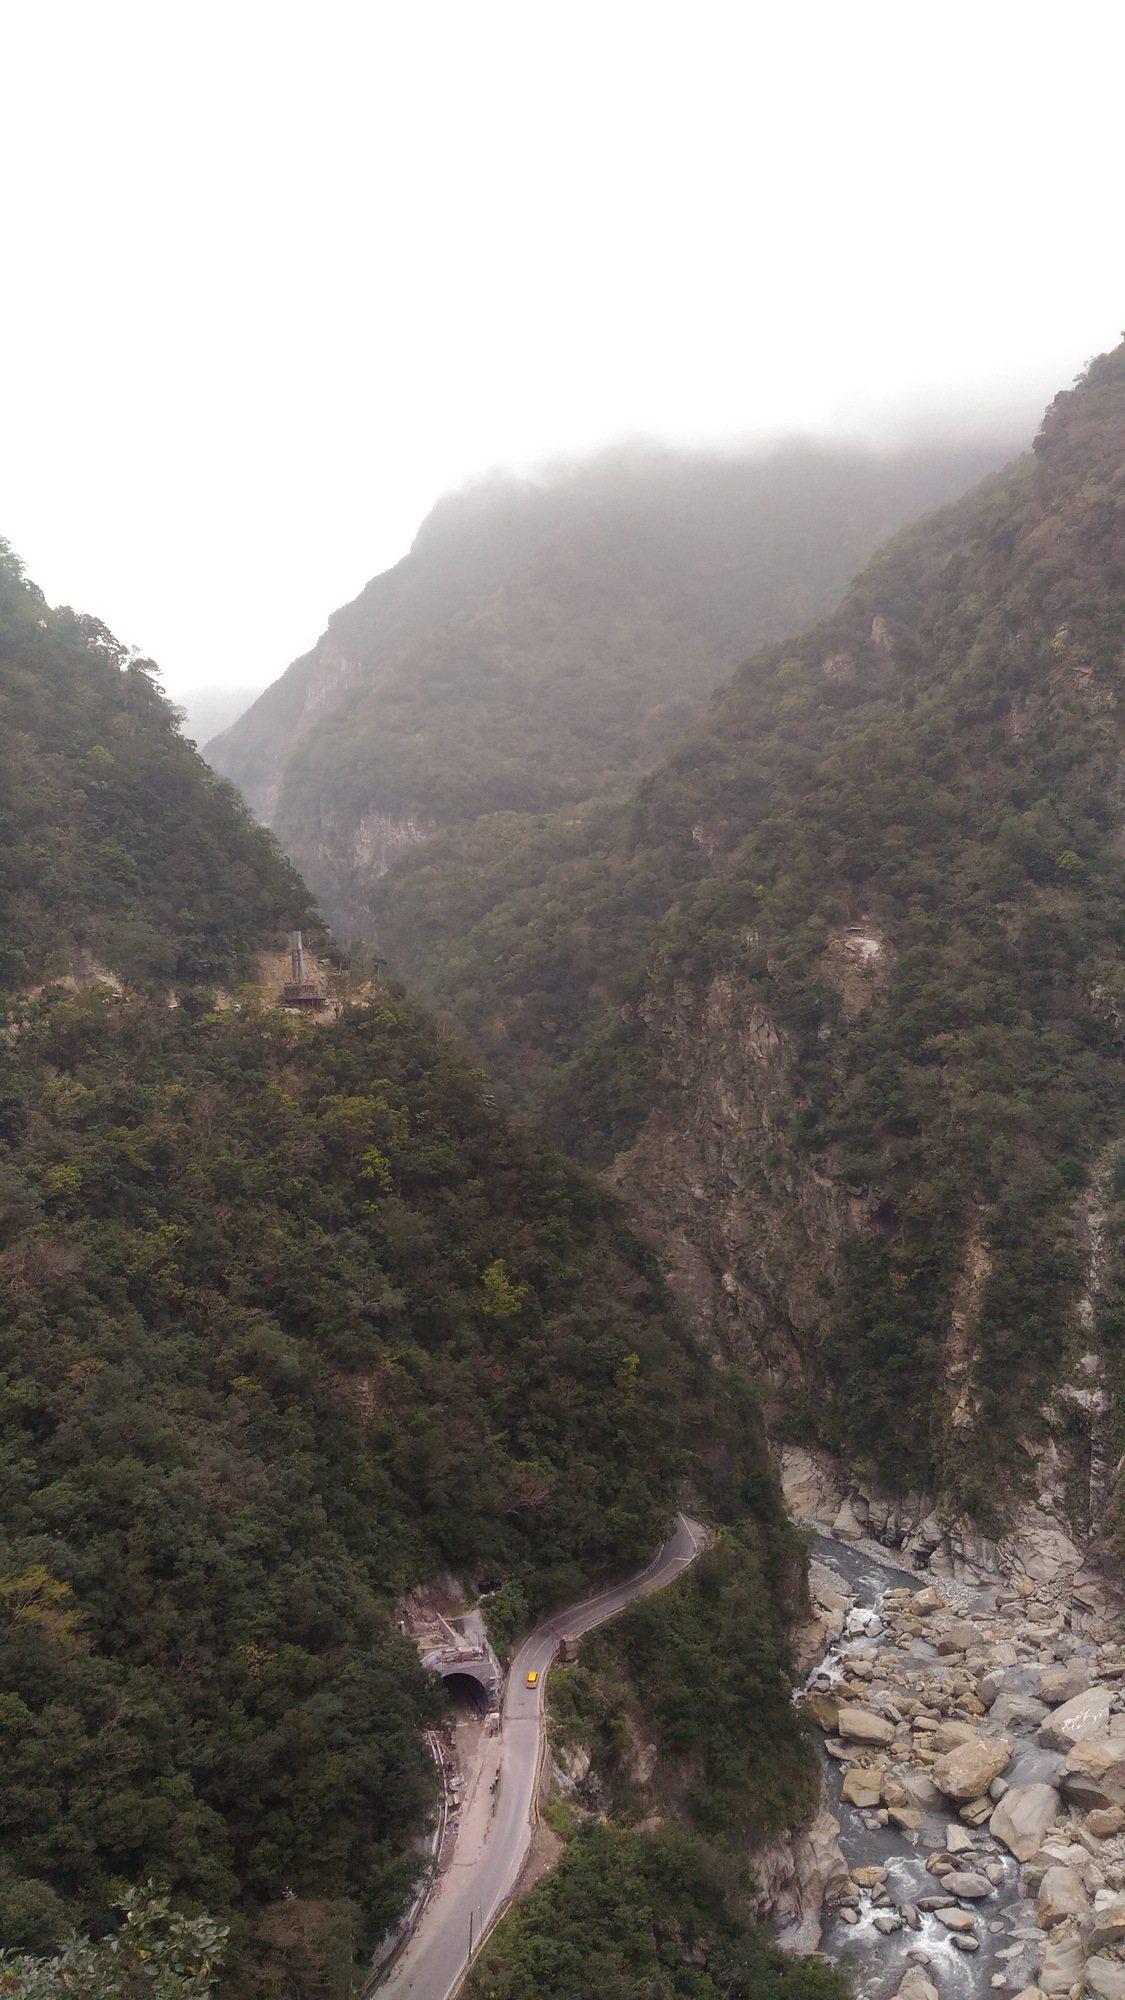 在觀景平台上,可以俯瞰立霧溪。 圖/太管處提供